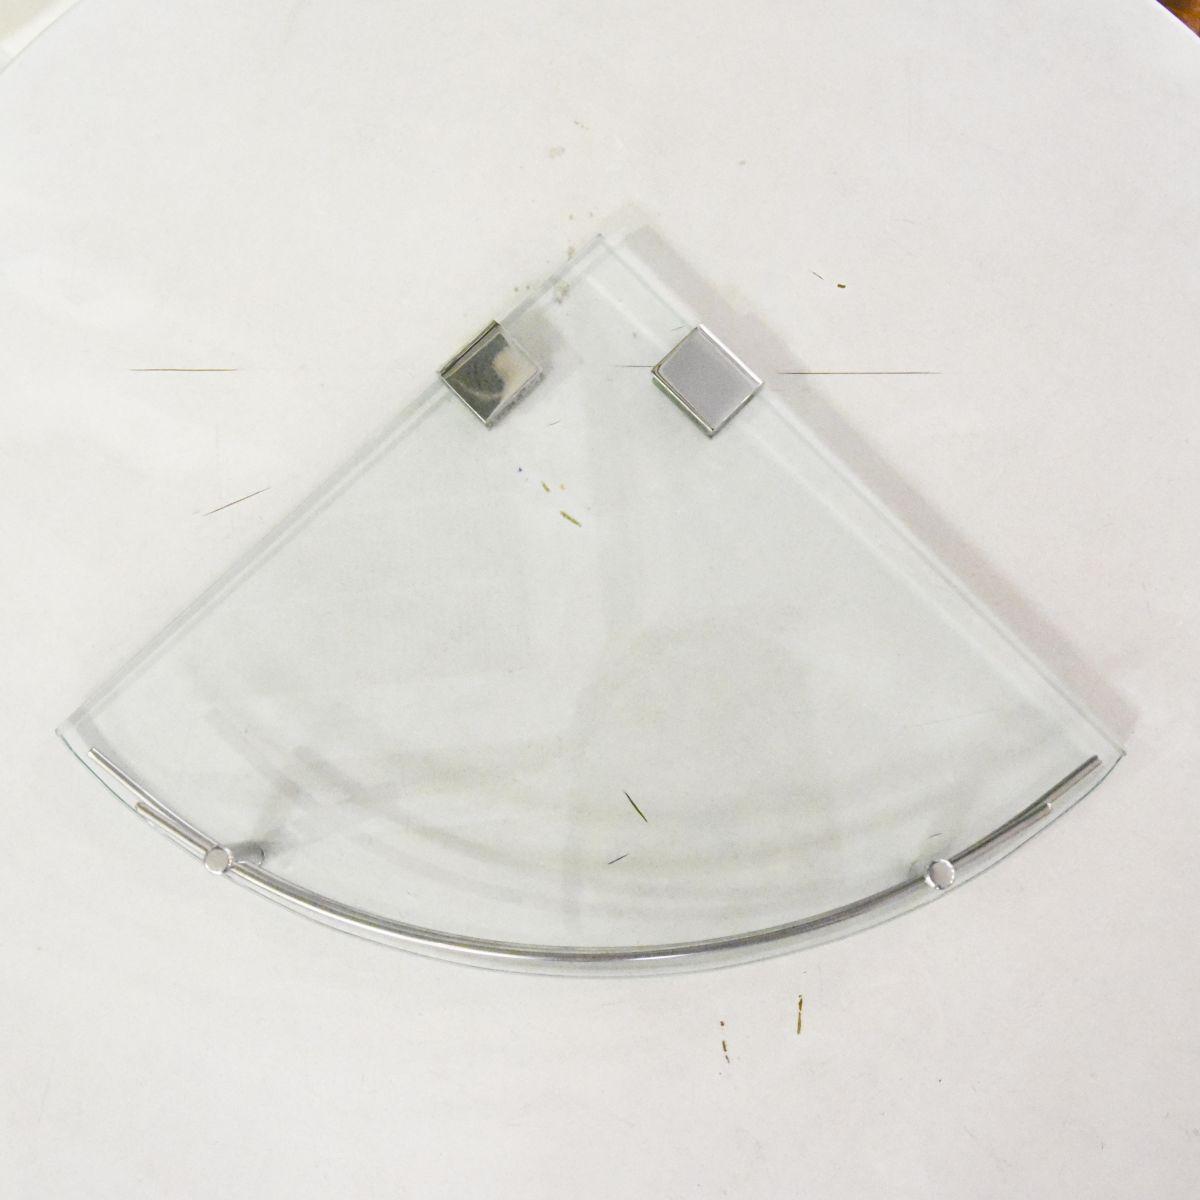 Kệ kính góc Outlet 01 là sản phẩm thiết bị vệ sinh outlet, xả kho, thanh lý một số mặt hàng trưng bày, giá khuyến mãi cực kỳ hấp dẫn, đến ngay showroom Hita tại Tphcm